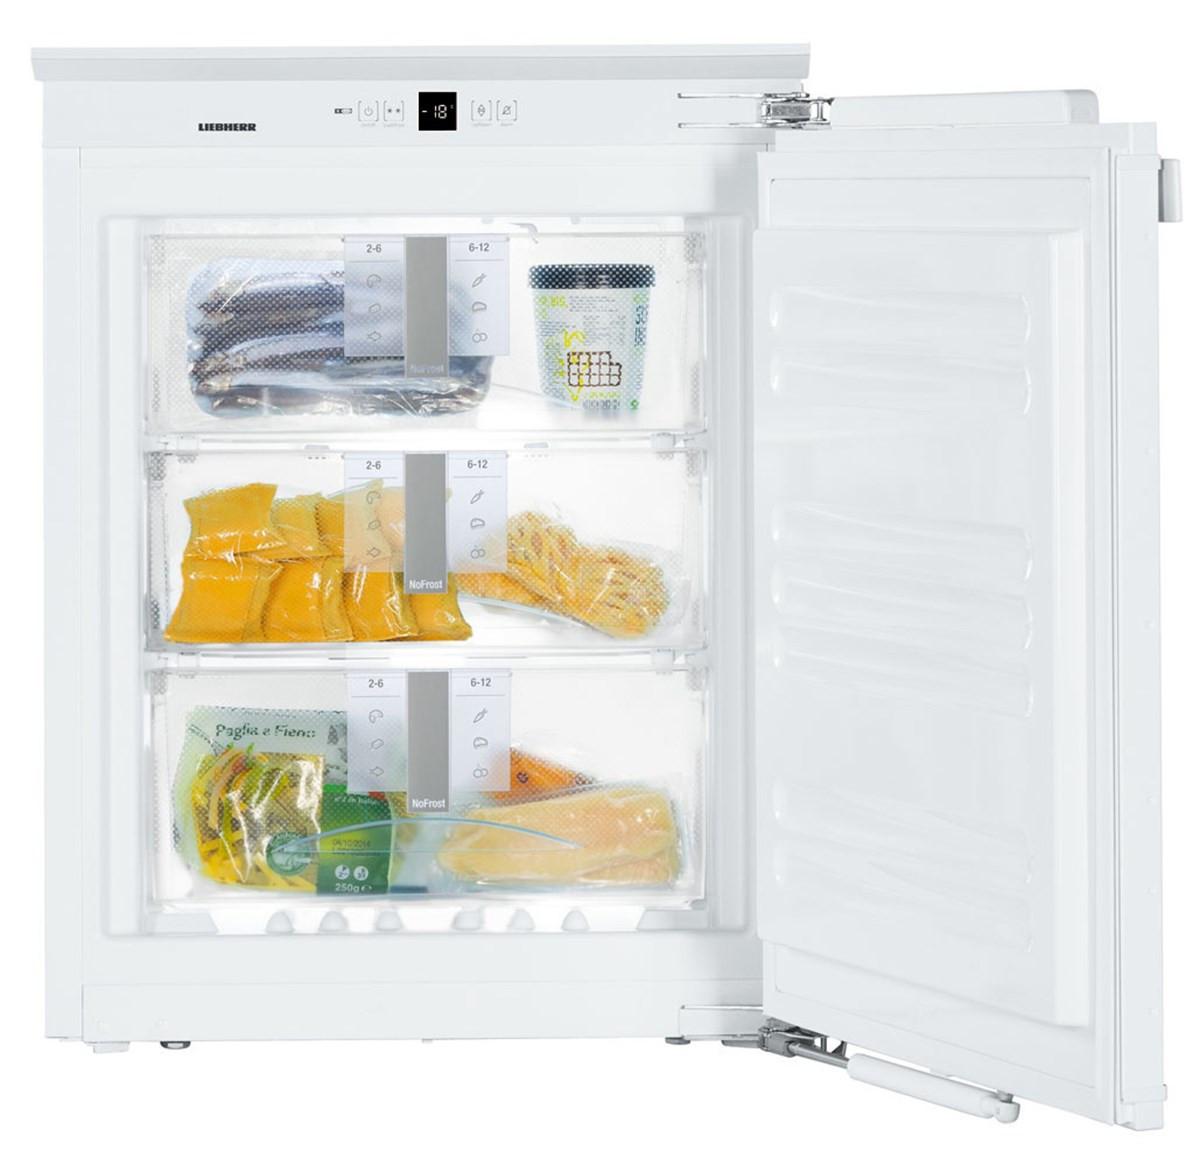 Liebherr IGN1064 Built-In Premium White Freezer